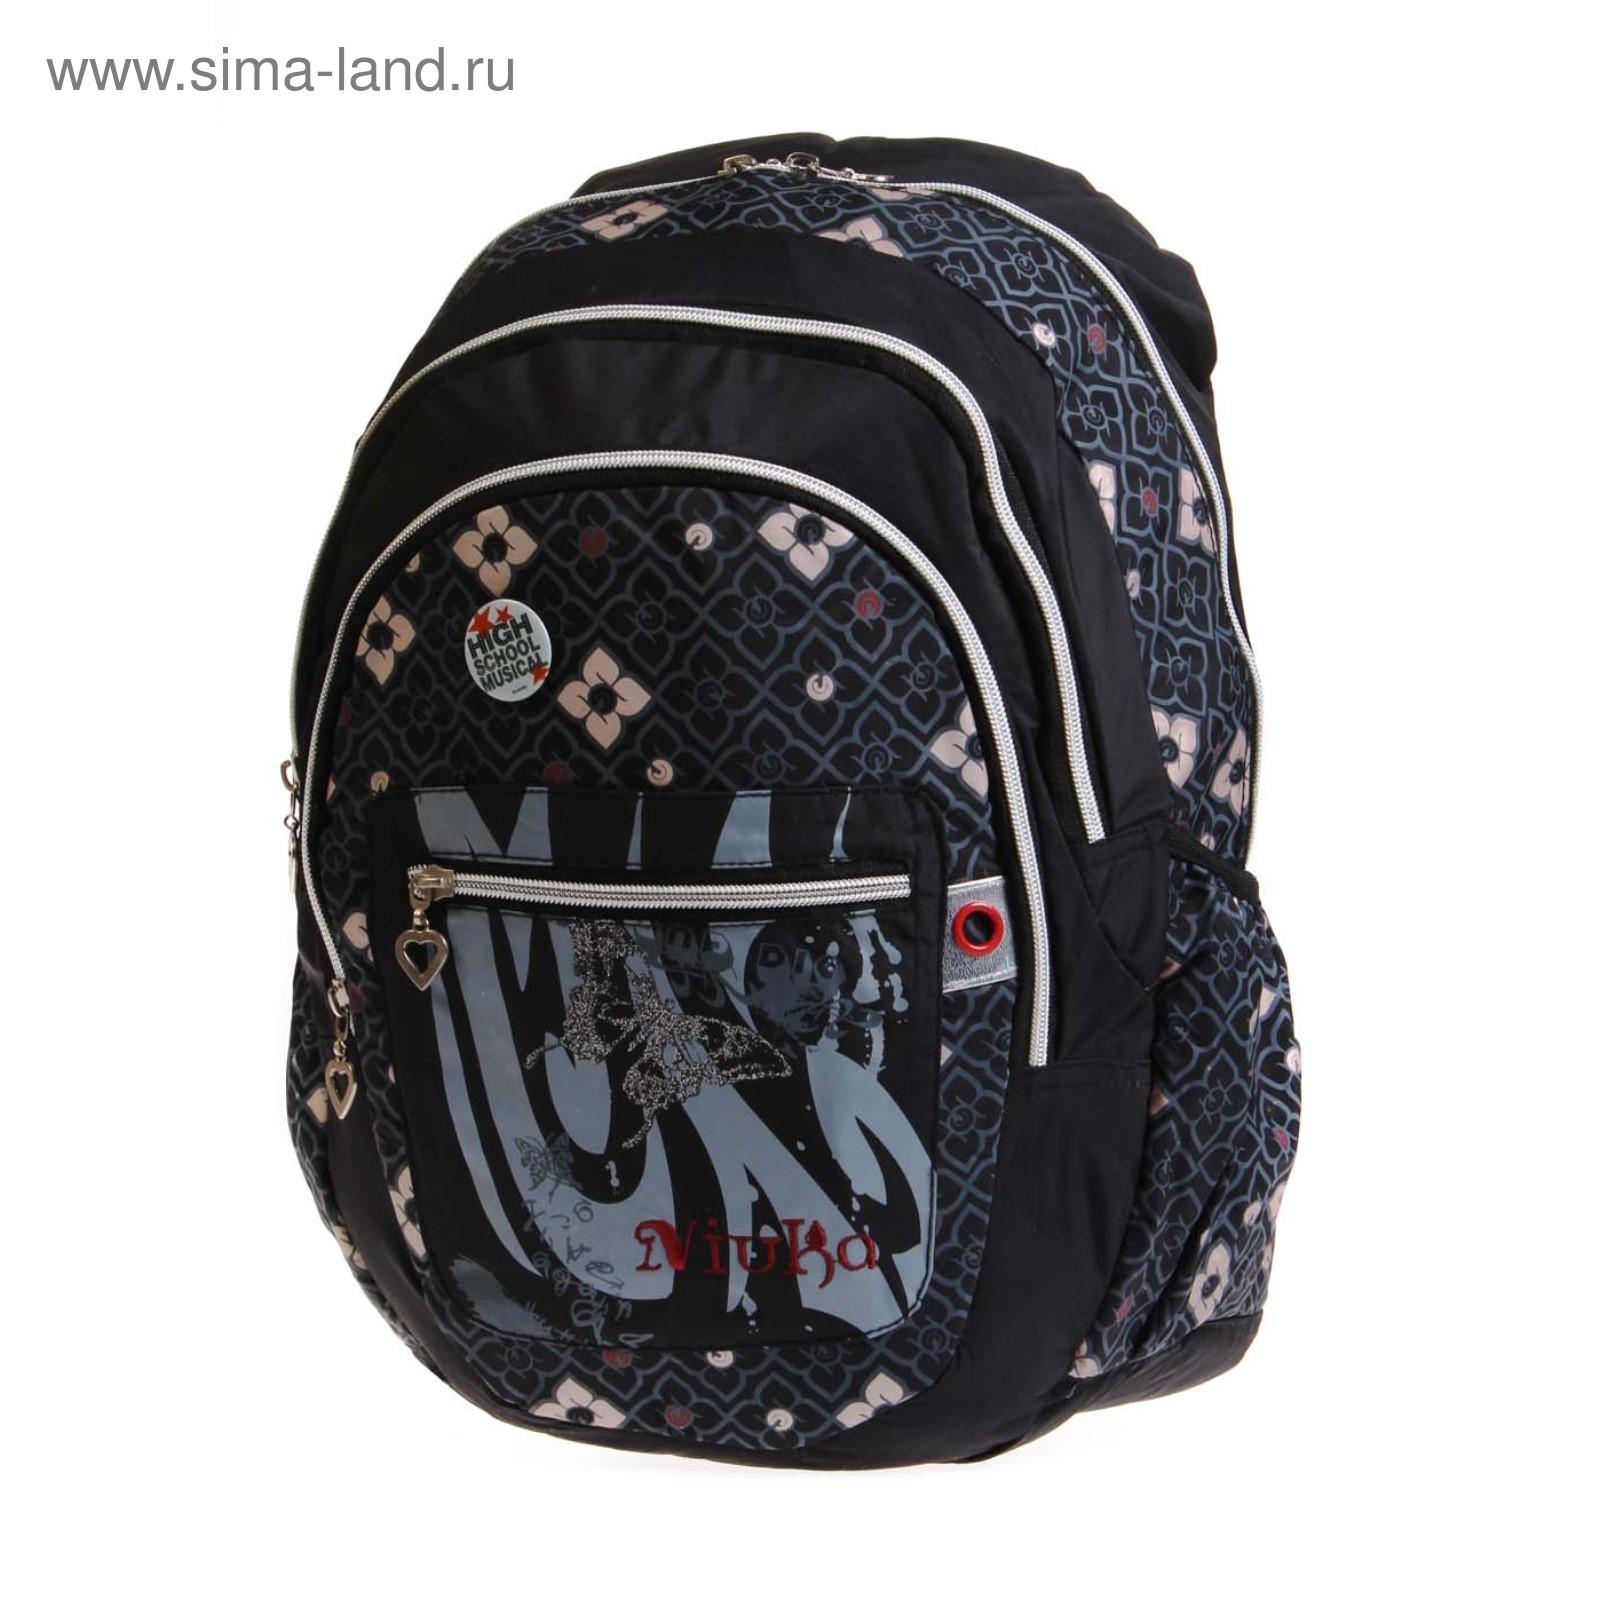 56d67df301ee Рюкзак, размер 16,5х44 см, K05NK033 чёрный, серый (3721746) - Купить ...